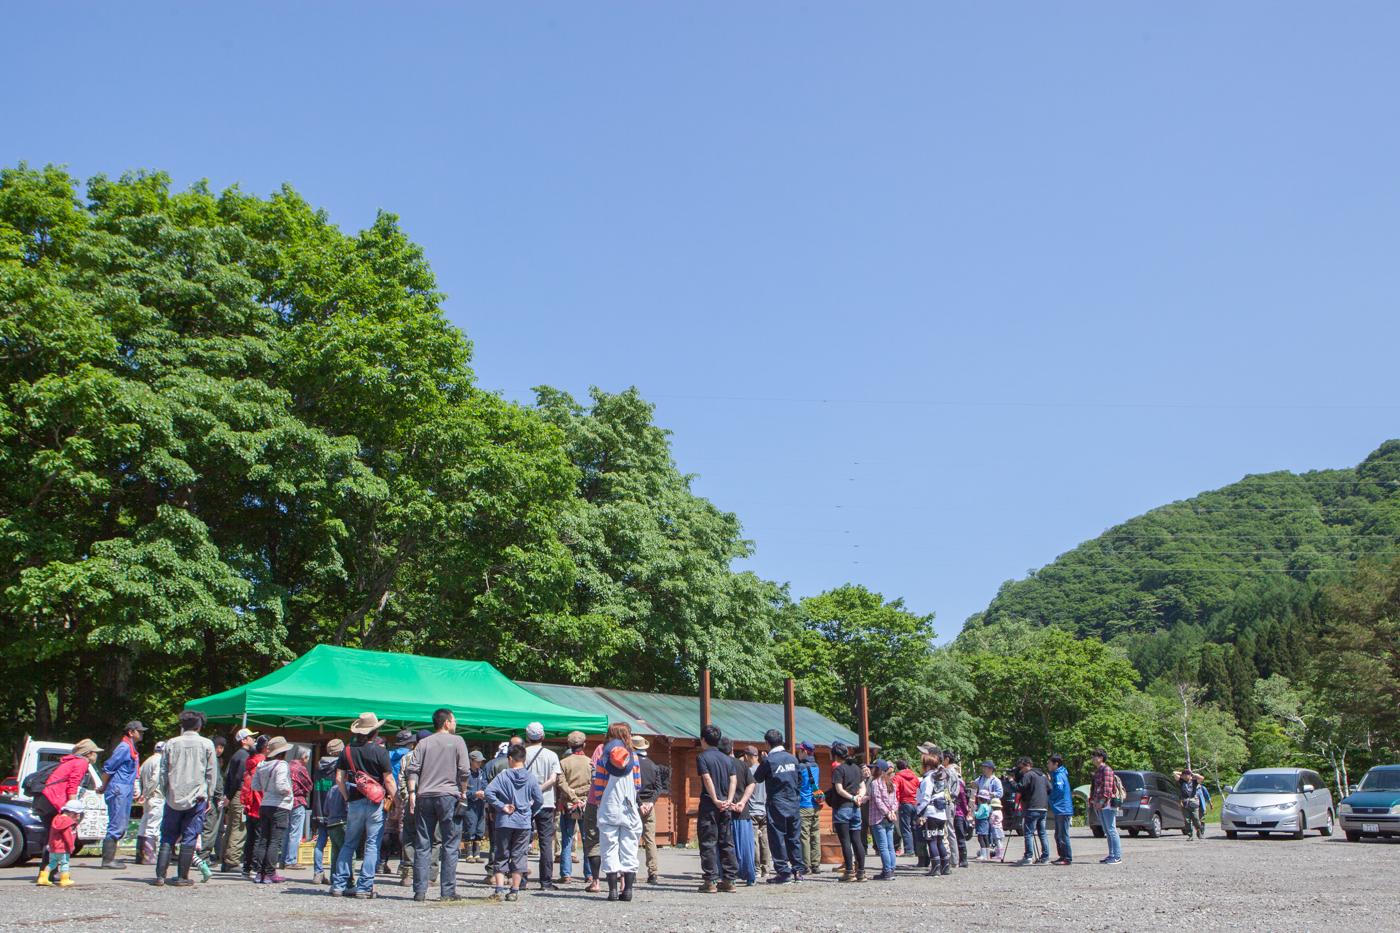 見事晴天に恵まれたボードウォーク・キャンプ当日 Photo by アリモトシンヤ